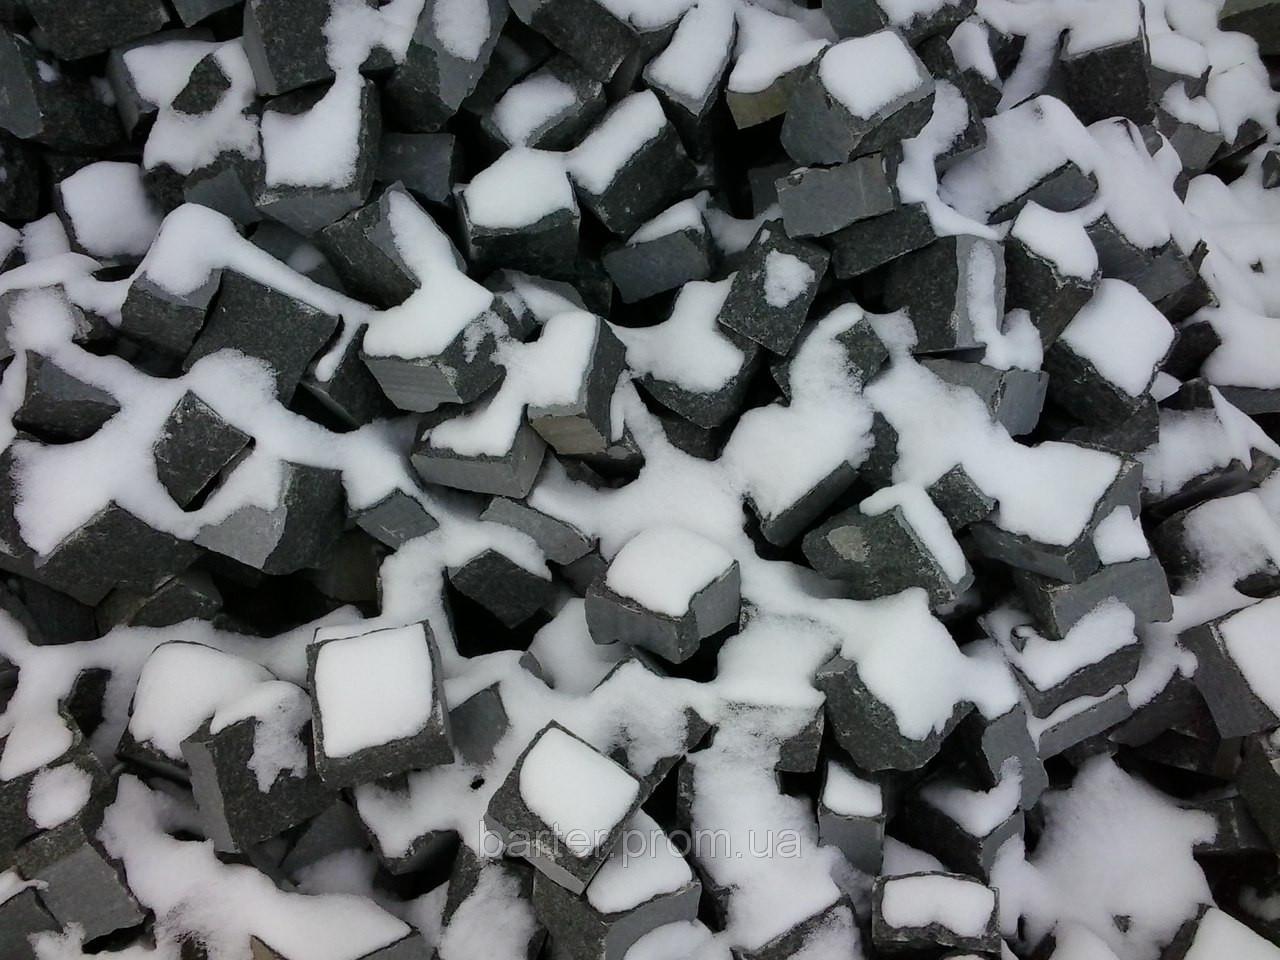 Производство брусчатки гранитной 10*10*5